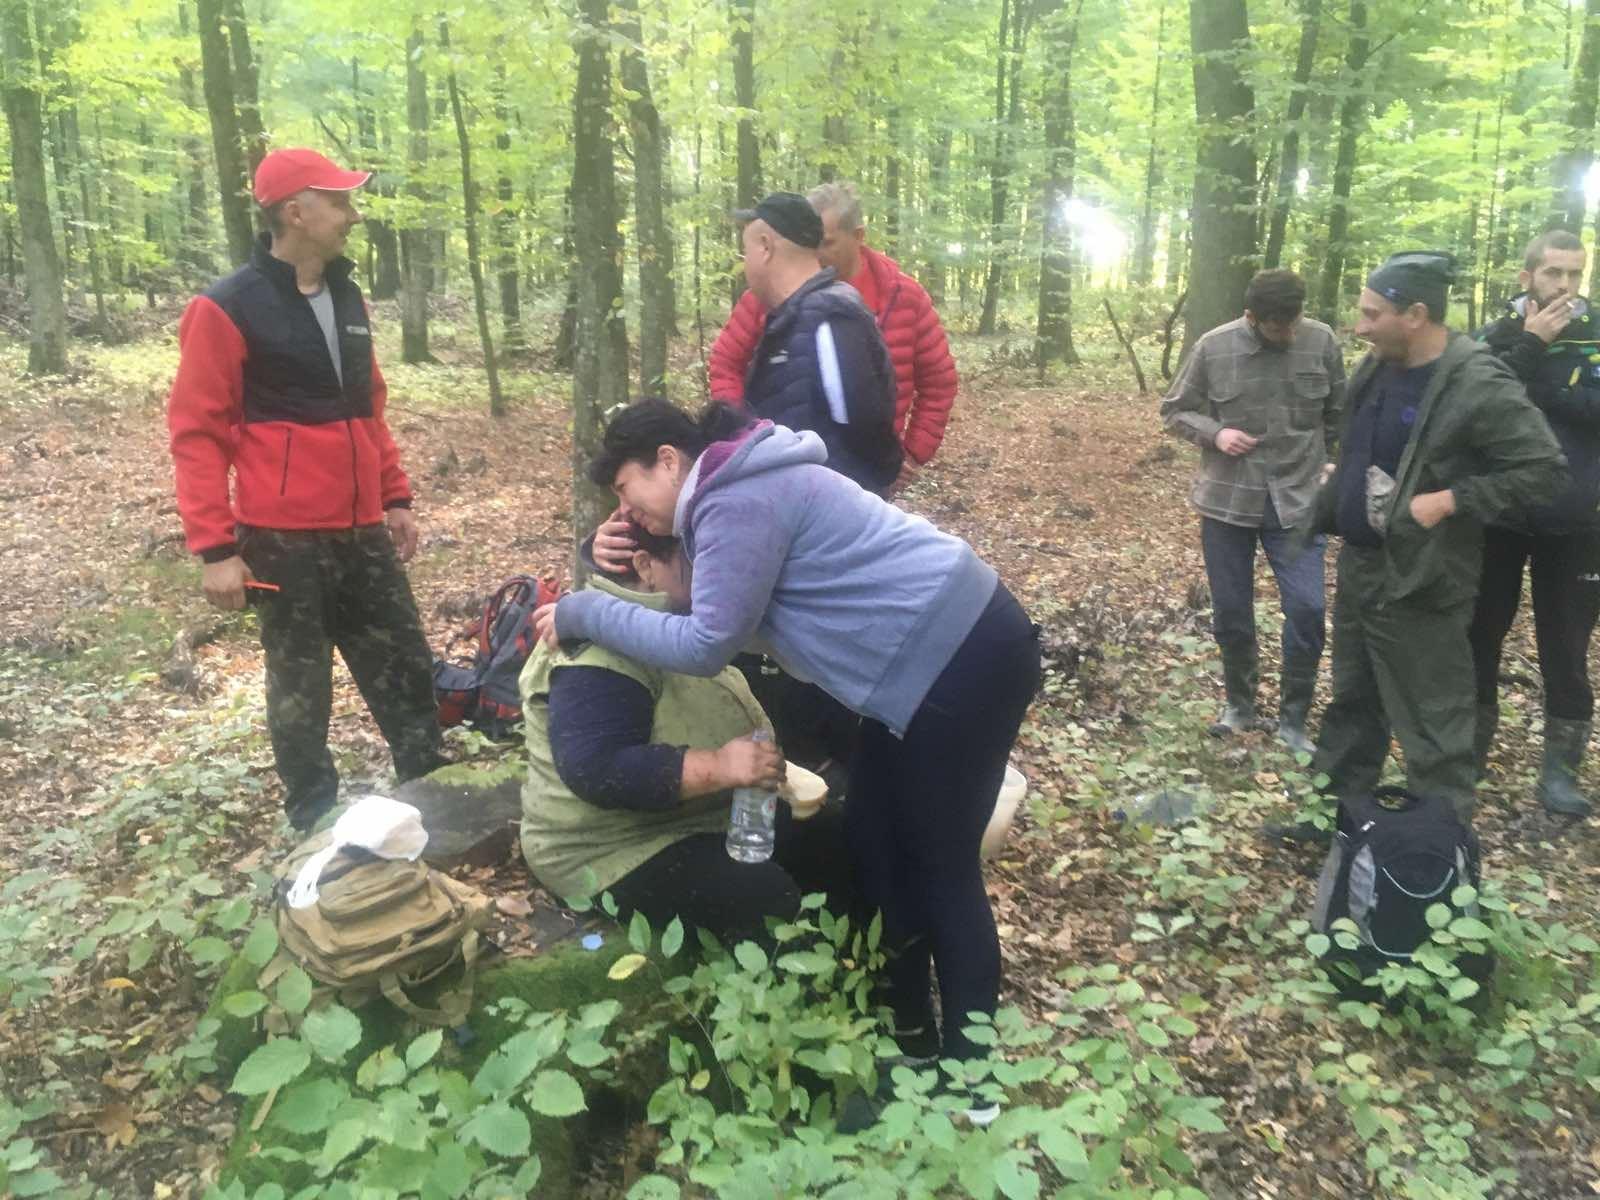 Рятувальники та волонтери всю ніч шукали 72-річну закарпатку, що заблукала у лісі